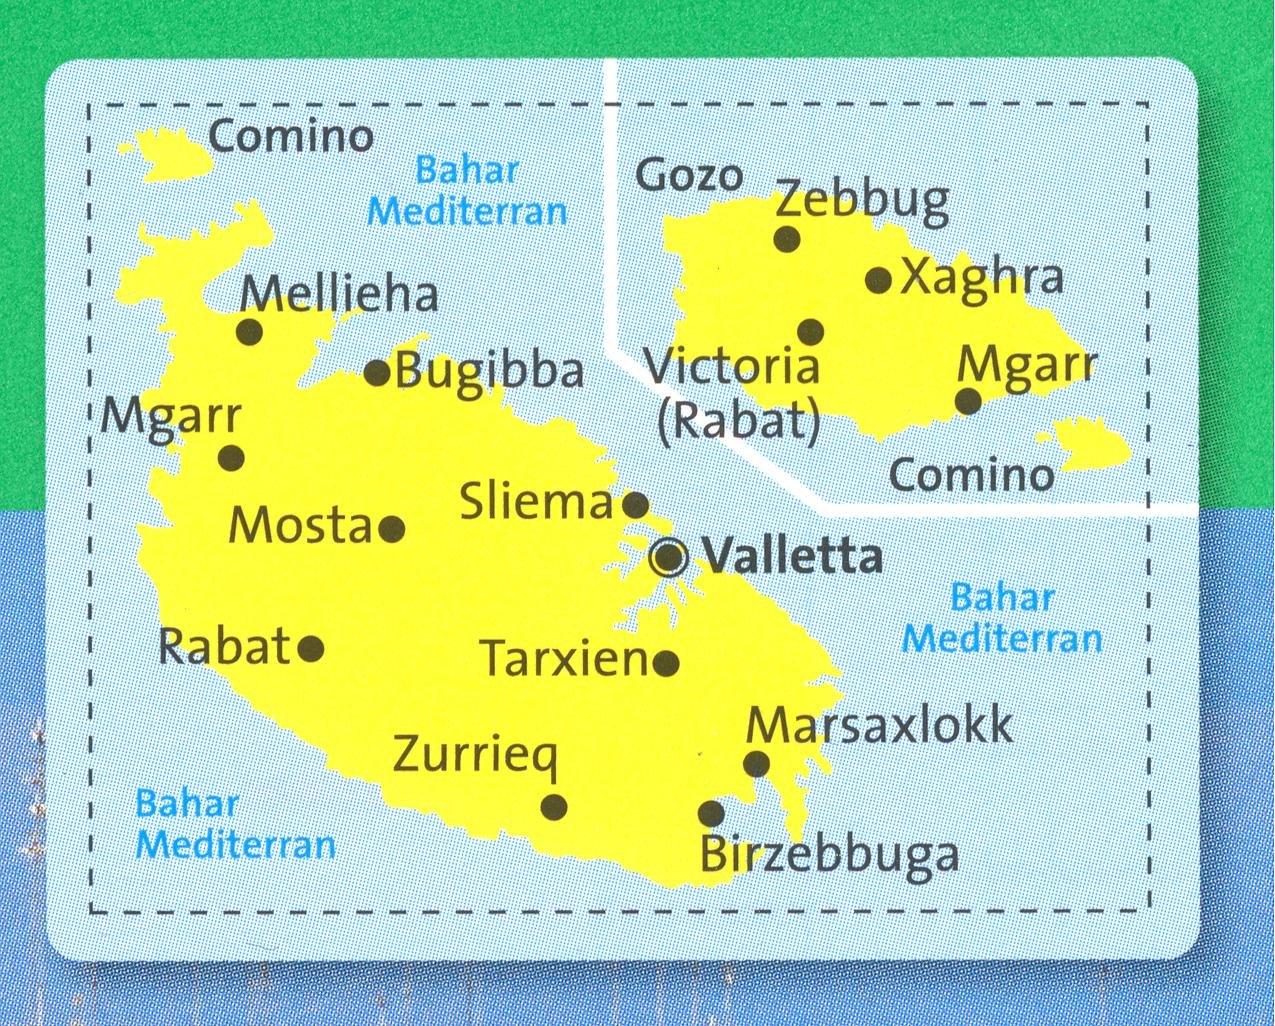 Cartina Di Malta Dettagliata.Amazon It Malta E Gozo Carta Escursionistica 1 25 000 Kompass N 235 Kompassmaps Libri